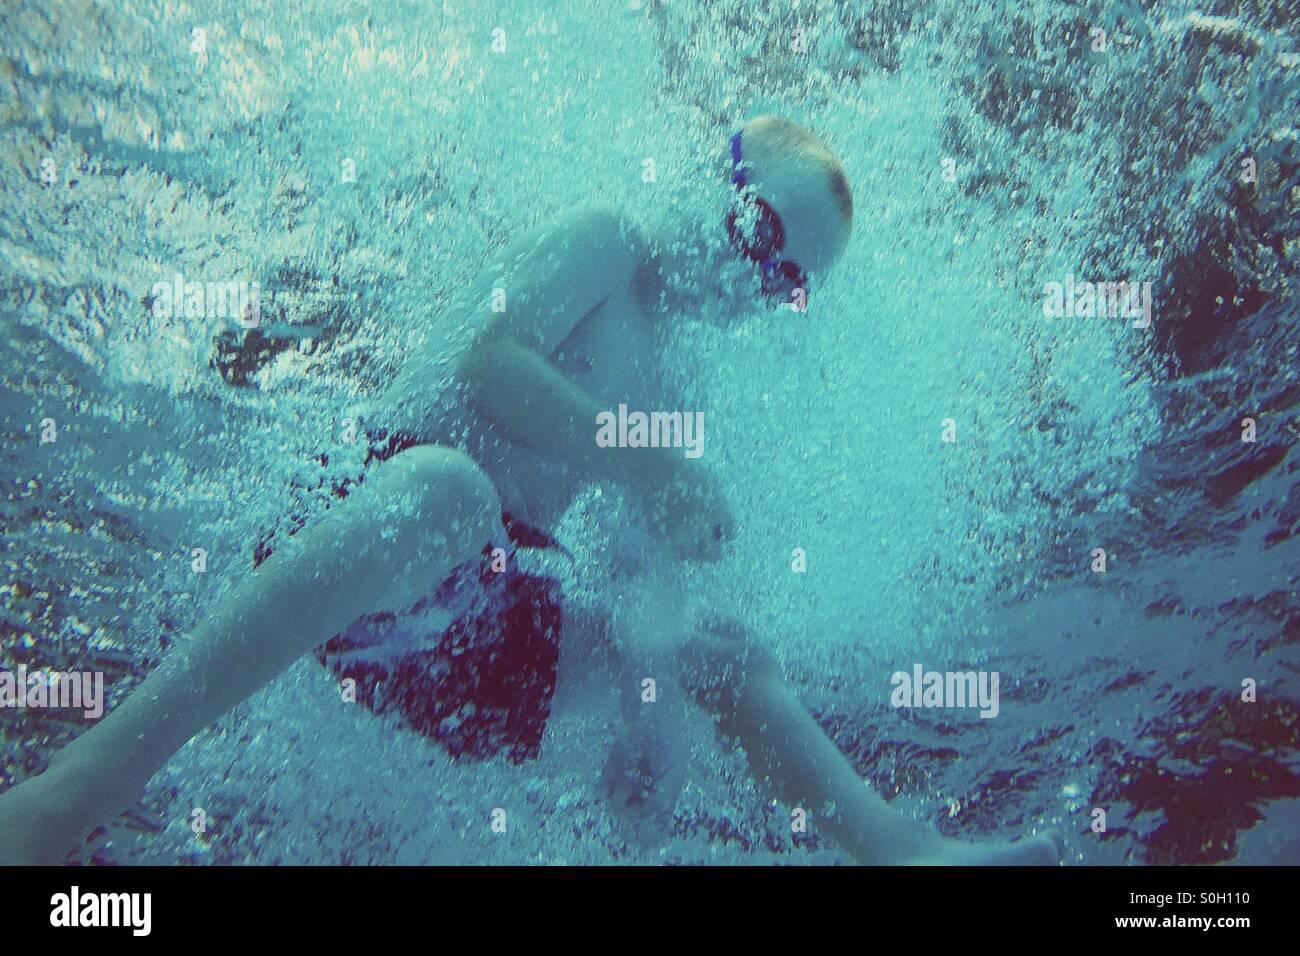 Underwater dynamique d'un jeune garçon de plonger dans l'eau, vue du dessous. Photo Stock